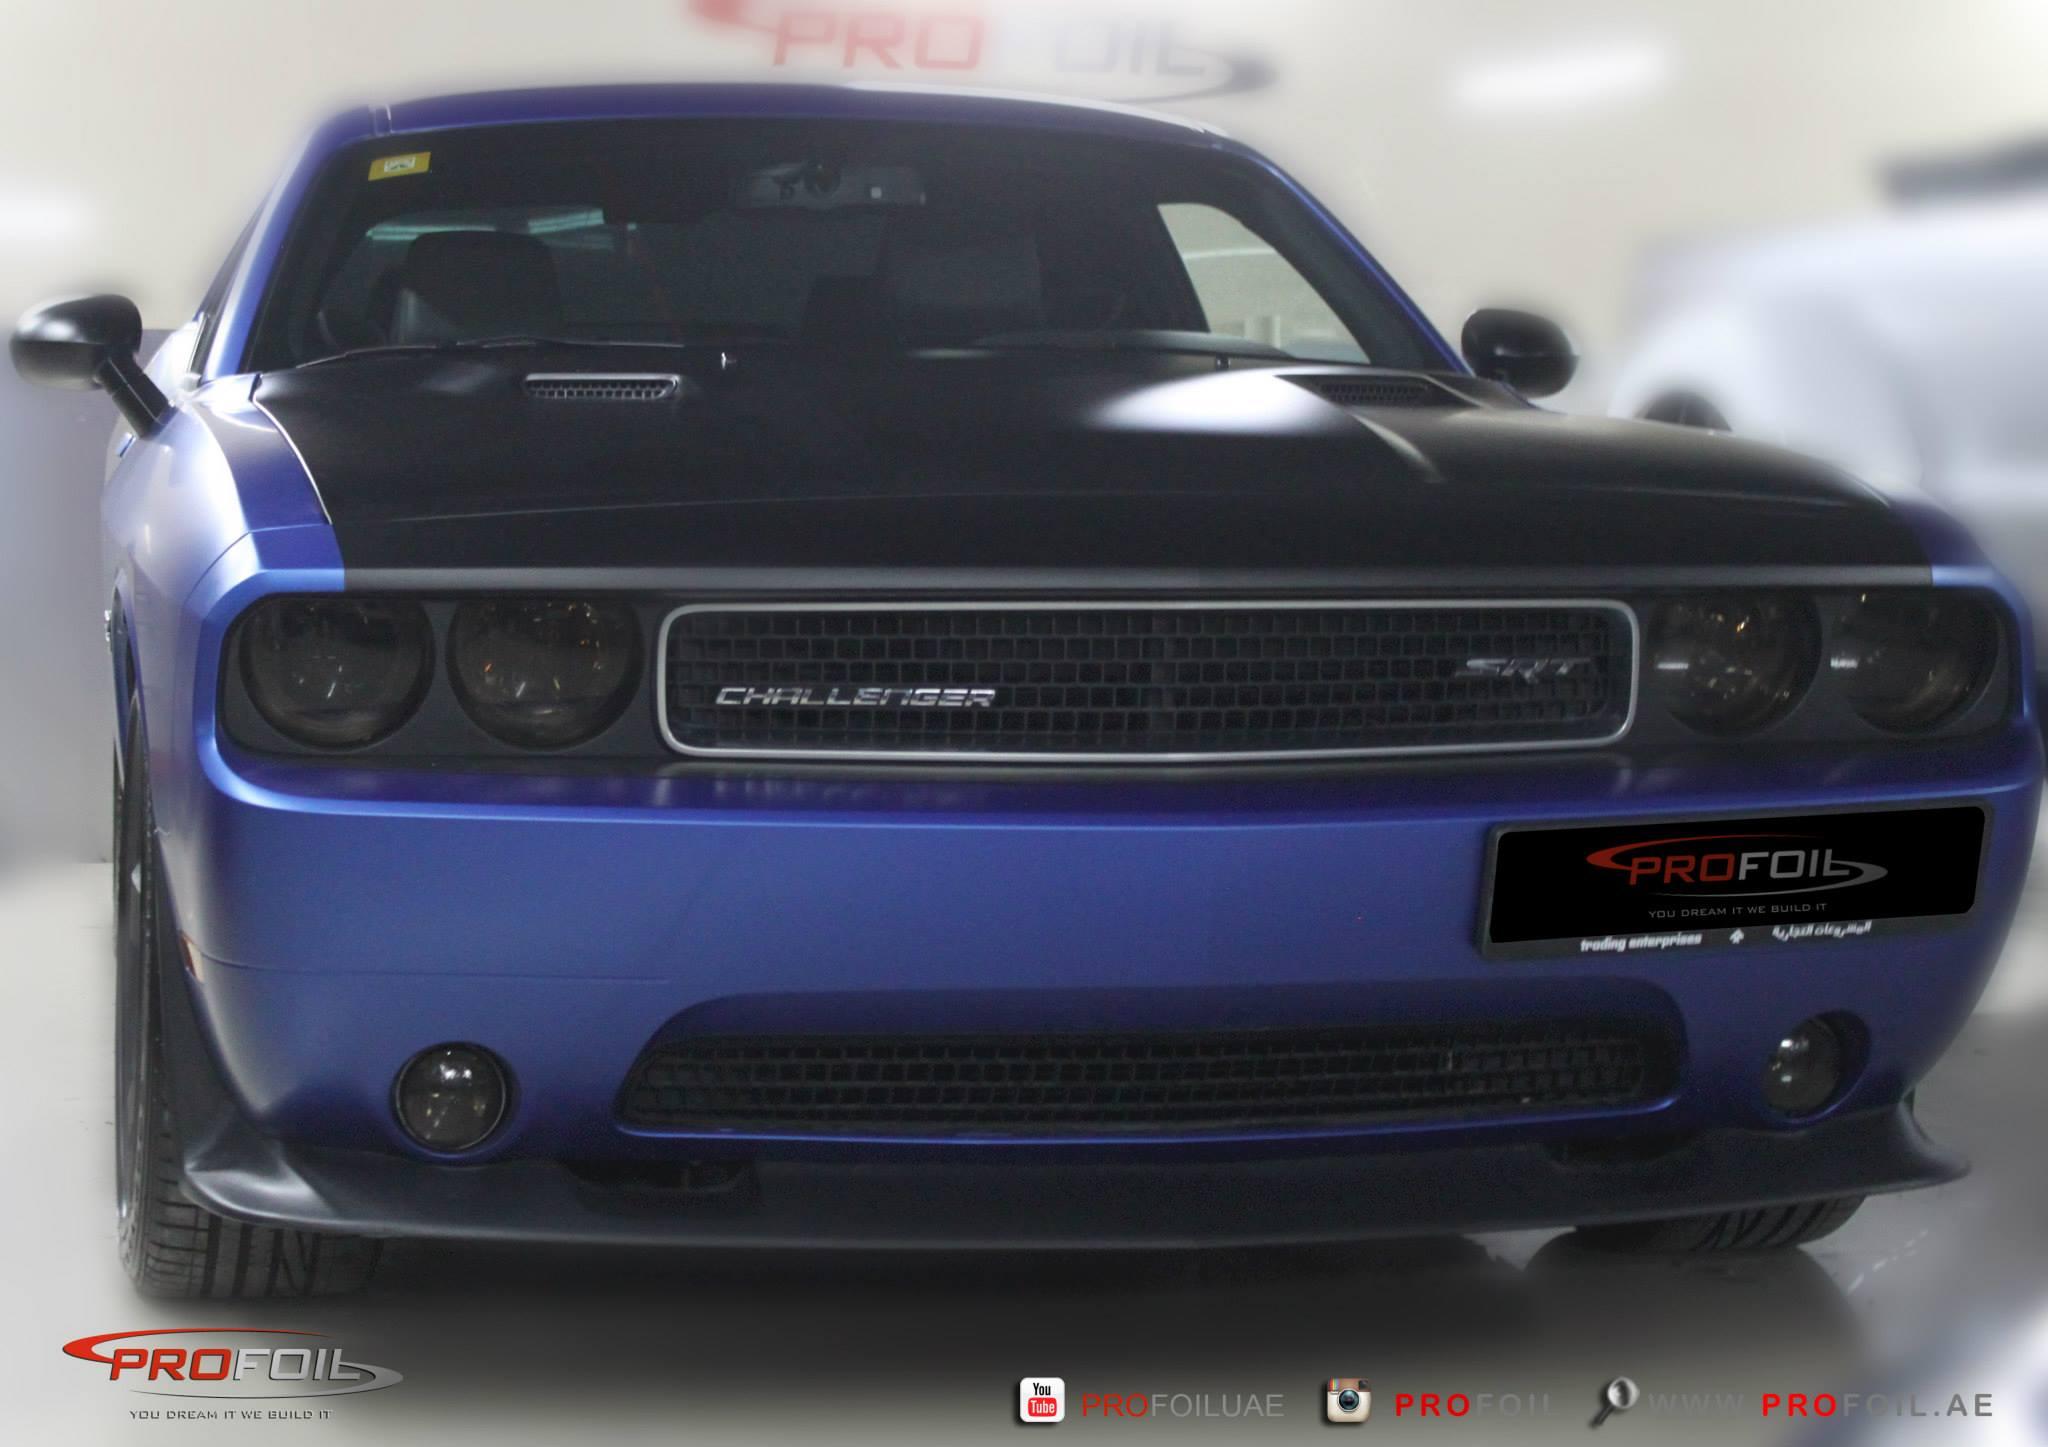 Dodge Challenger Gets Matt Blue Wrap From Profoil